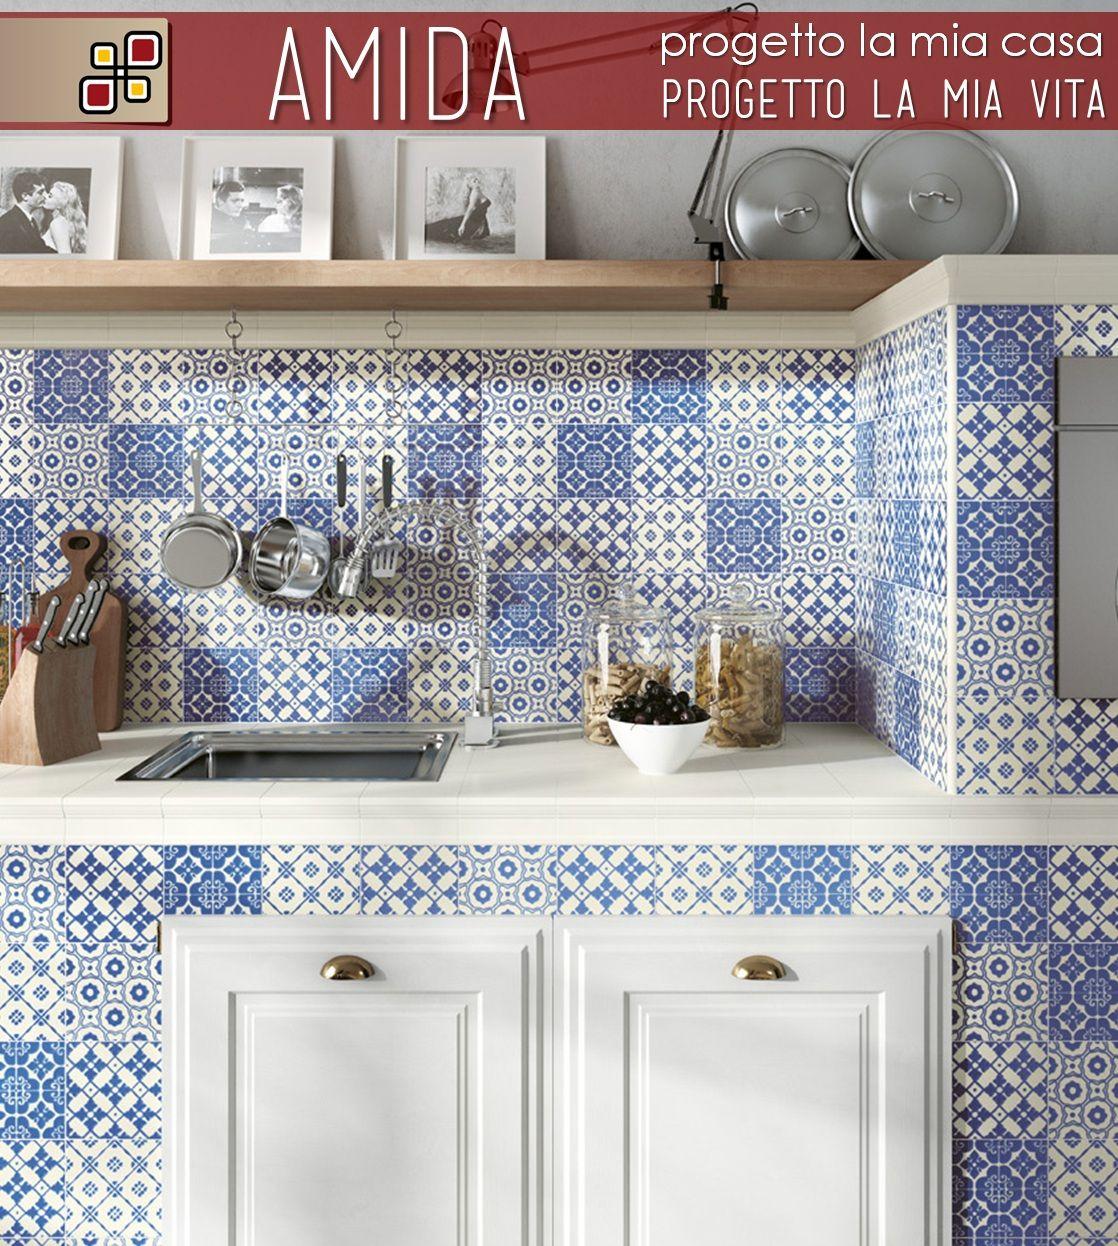 Rivestimento decorato dolce vita in gres porcellanato per - Rivestimento cucina in muratura ...